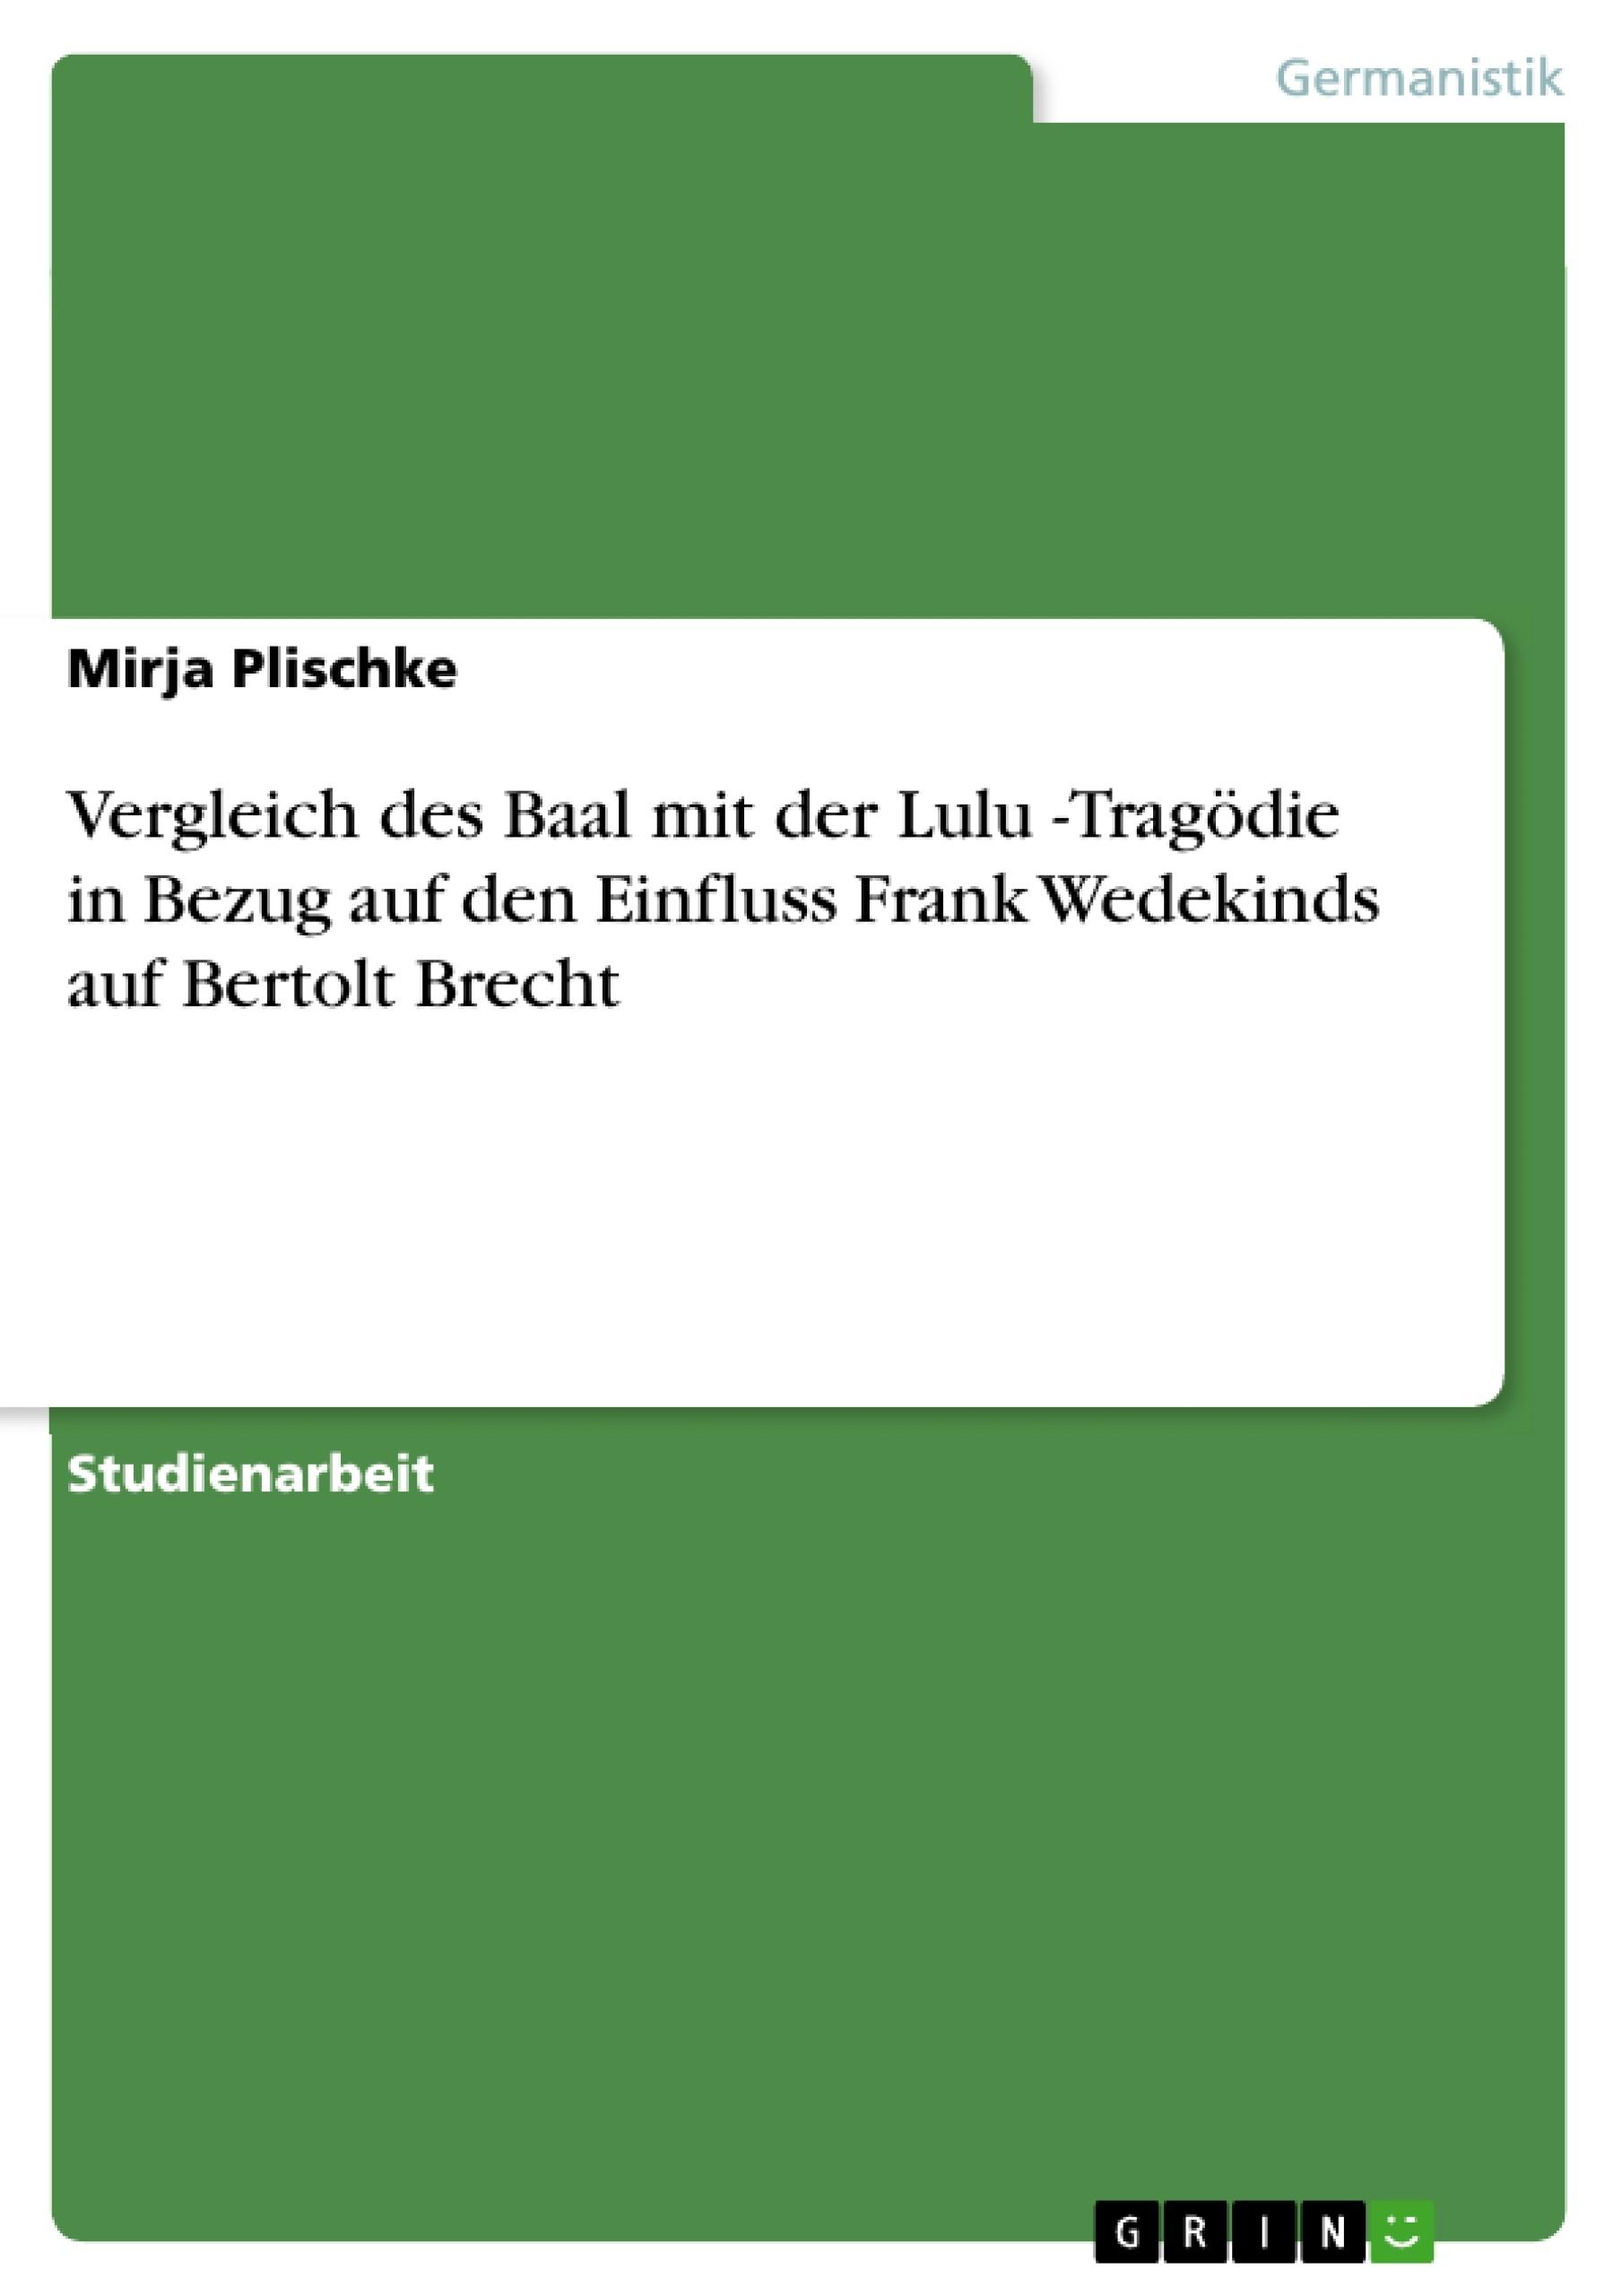 Titel: Vergleich des Baal mit der Lulu -Tragödie in Bezug auf den Einfluss Frank Wedekinds auf Bertolt Brecht